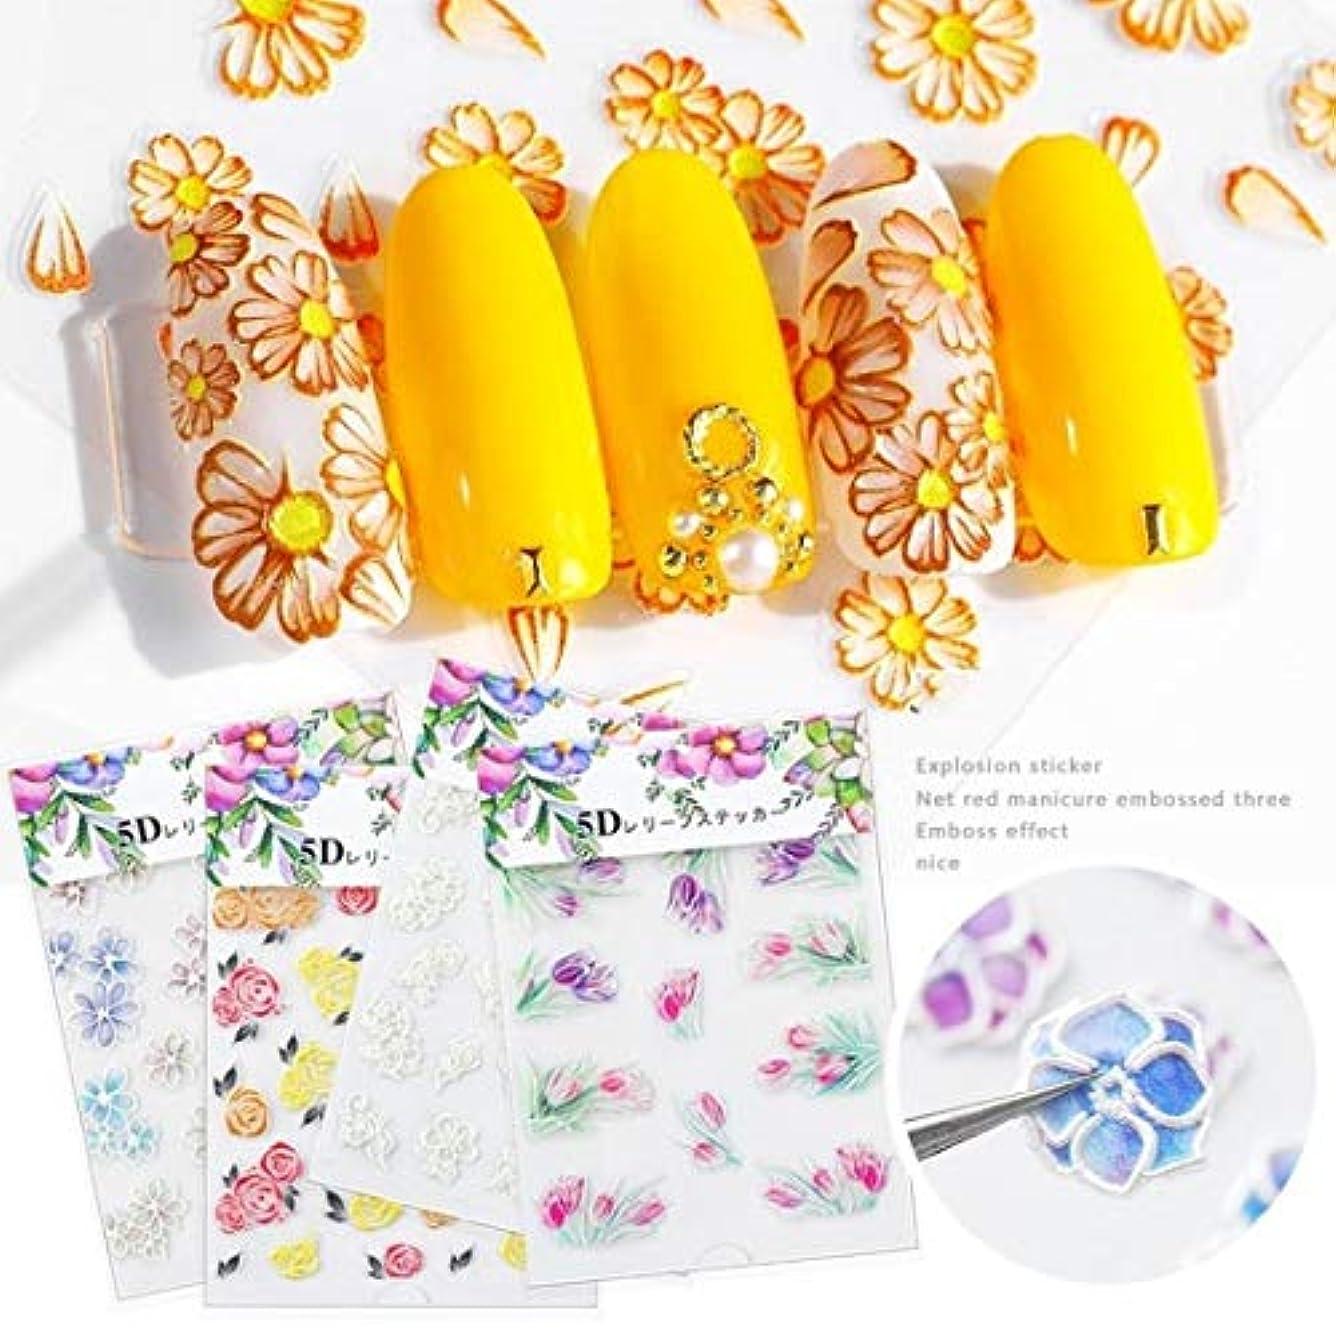 薬局ブラジャー櫛OWNFSKNL 5Dネイルステッカーセット10枚の花柄自己粘着転写デカールネイルアートマニキュア装飾ツール